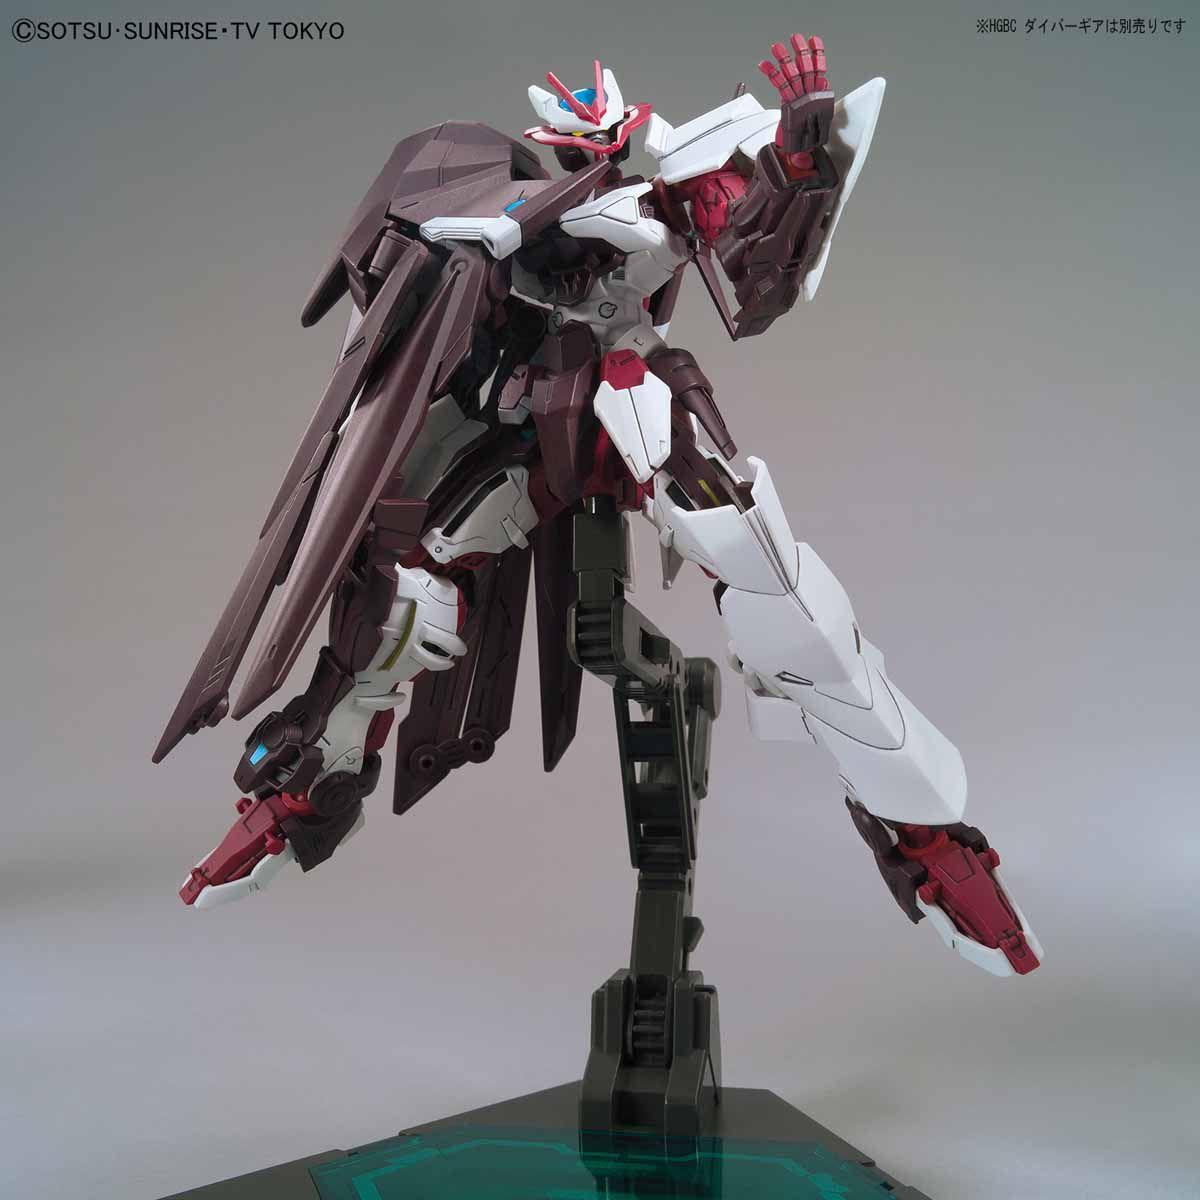 Gundam ASTRAY NO NAME 1/144 Bandai